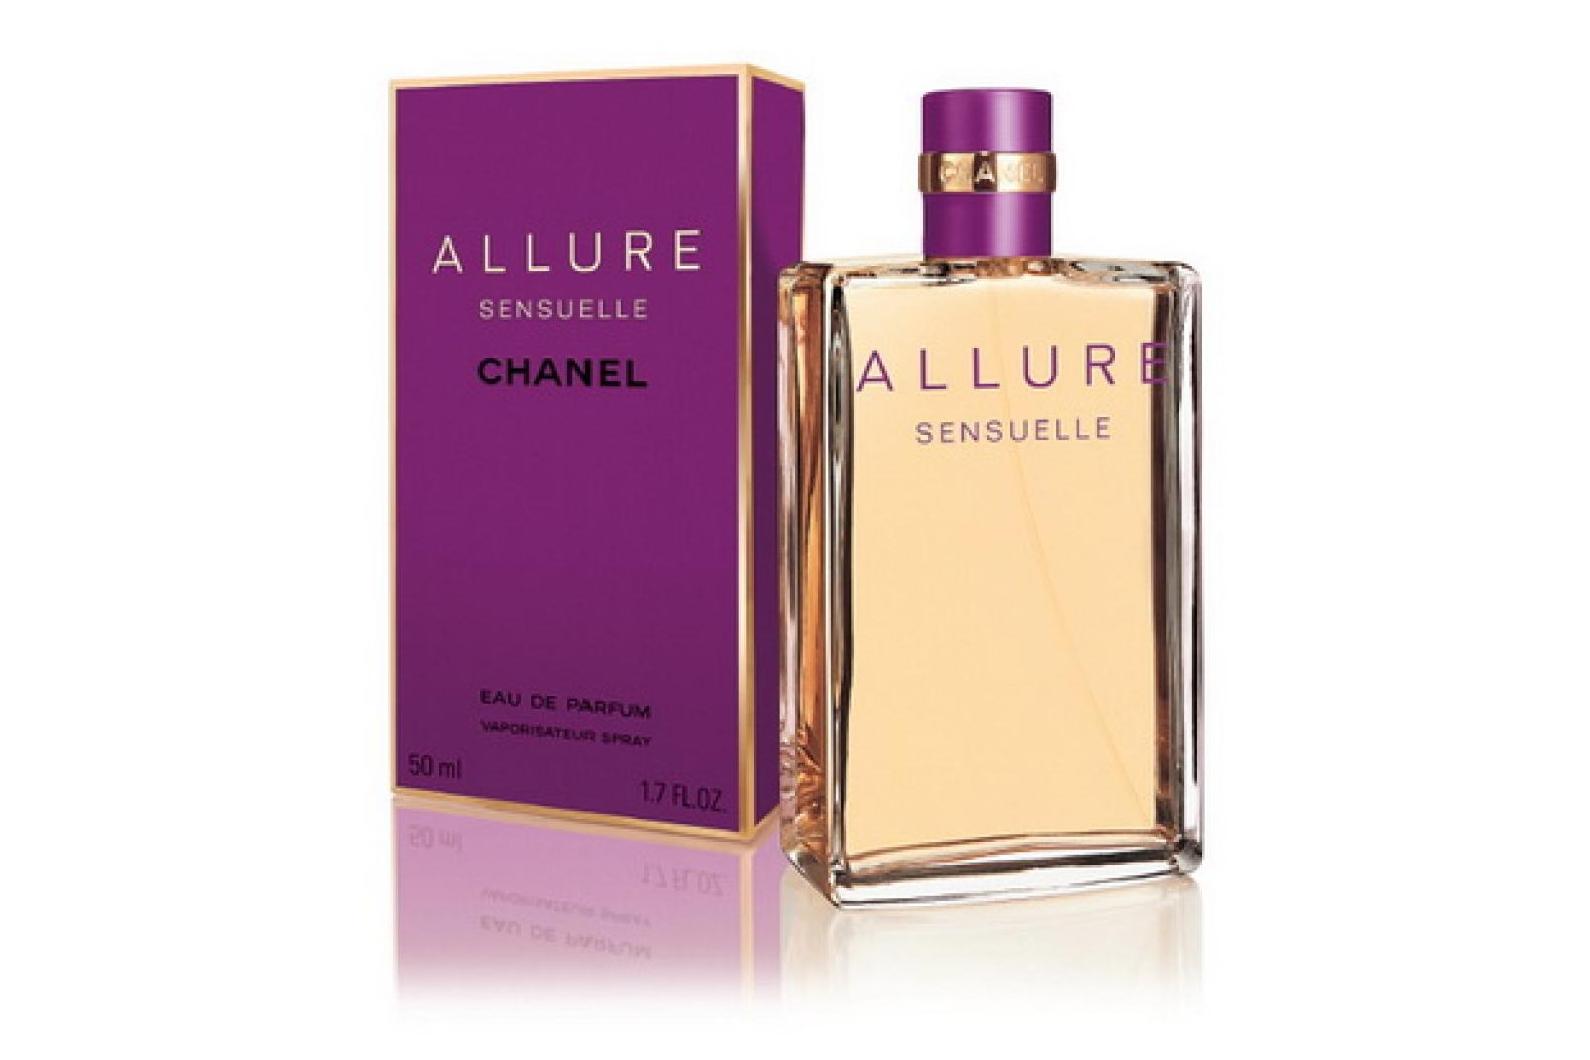 Идеально-чувственный, нежный и сладкий, изысканно-пряный аромат парфюма, не оставит равнодушной ни одну женщину. Во-первых, он так же многогранен, как и его хозяйка, во-вторых он меняется вместе с ее настроением, в третьих, он дарит ей минуты настоящего чувственного наслаждения. Chanel Allure Sensuelle прекрасно подойдет и для романтичных ищущих натур, и для уверенных в себе бизнес-леди, и для дерзких модниц. Этот изысканный парфюм подкупает своей неоднозначностью: дополняет аромат, делая его таинственным.